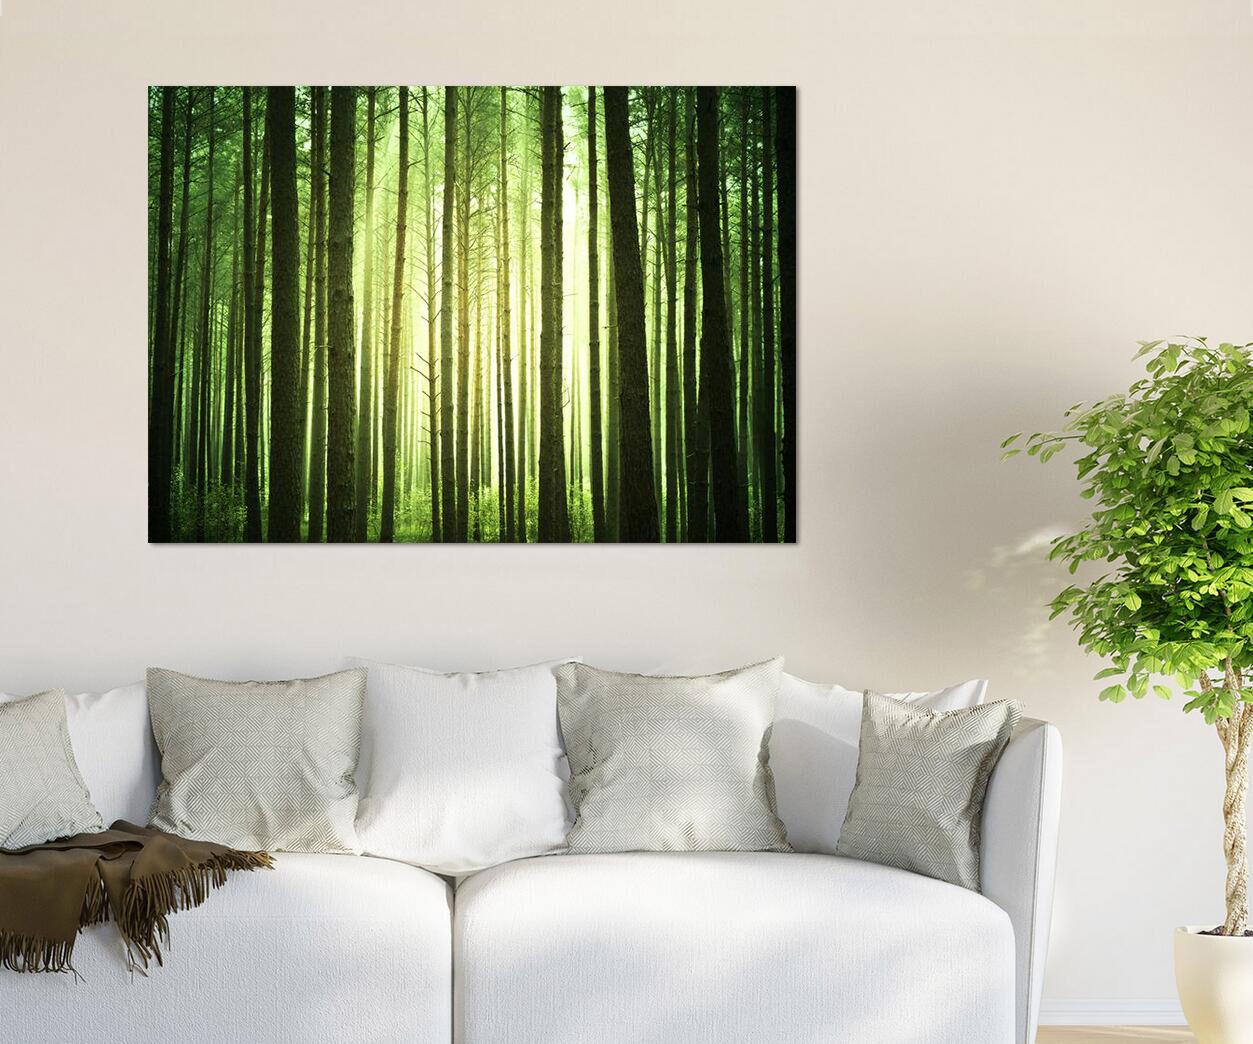 3D Grünes Licht Maunsell Hain 8 Fototapeten Wandbild BildTapete AJSTORE DE Lemon